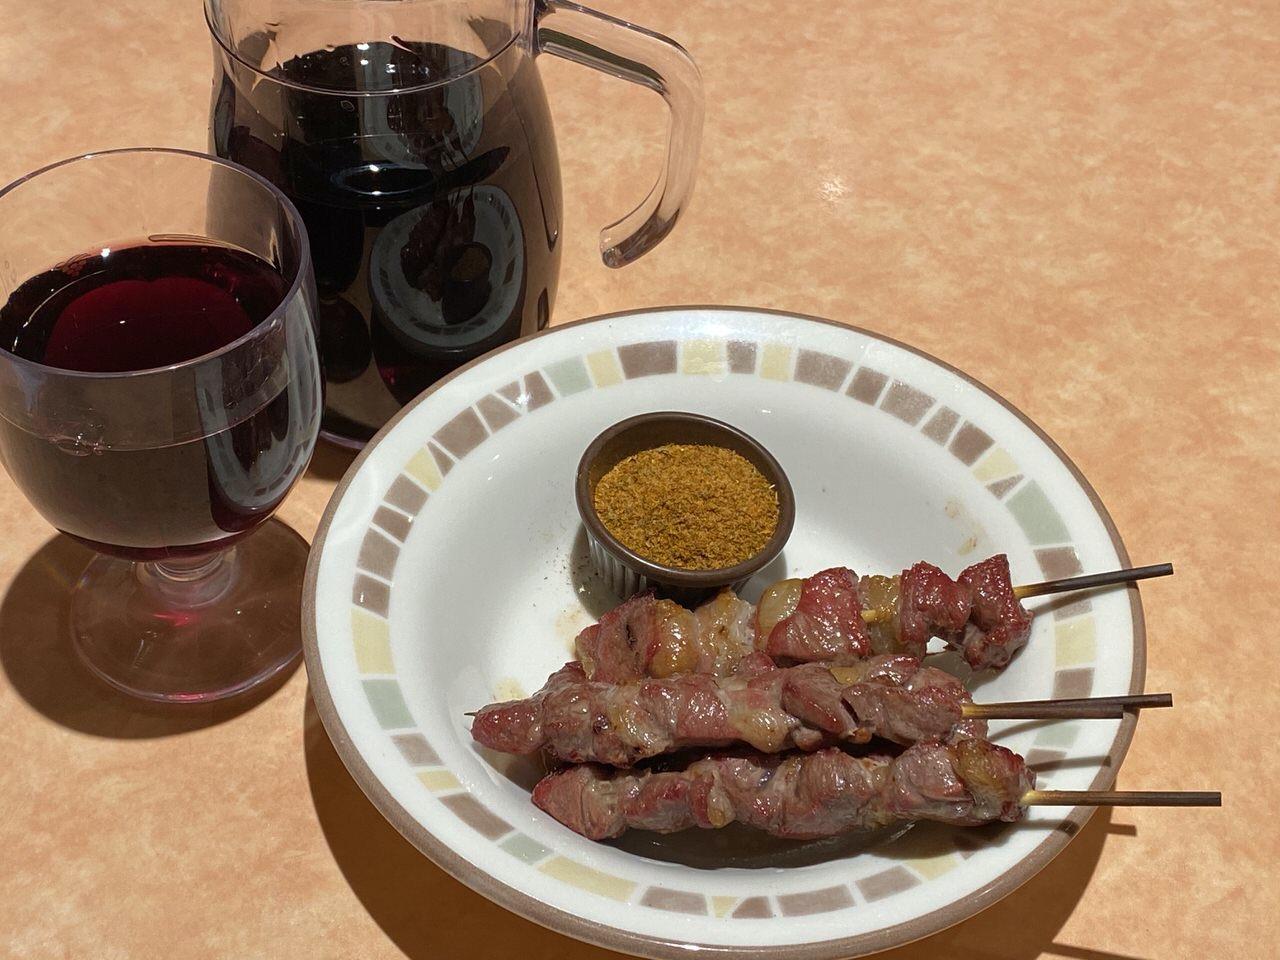 ラム串を食べて残ったスパイスを活用するおすすめの食べ方 2